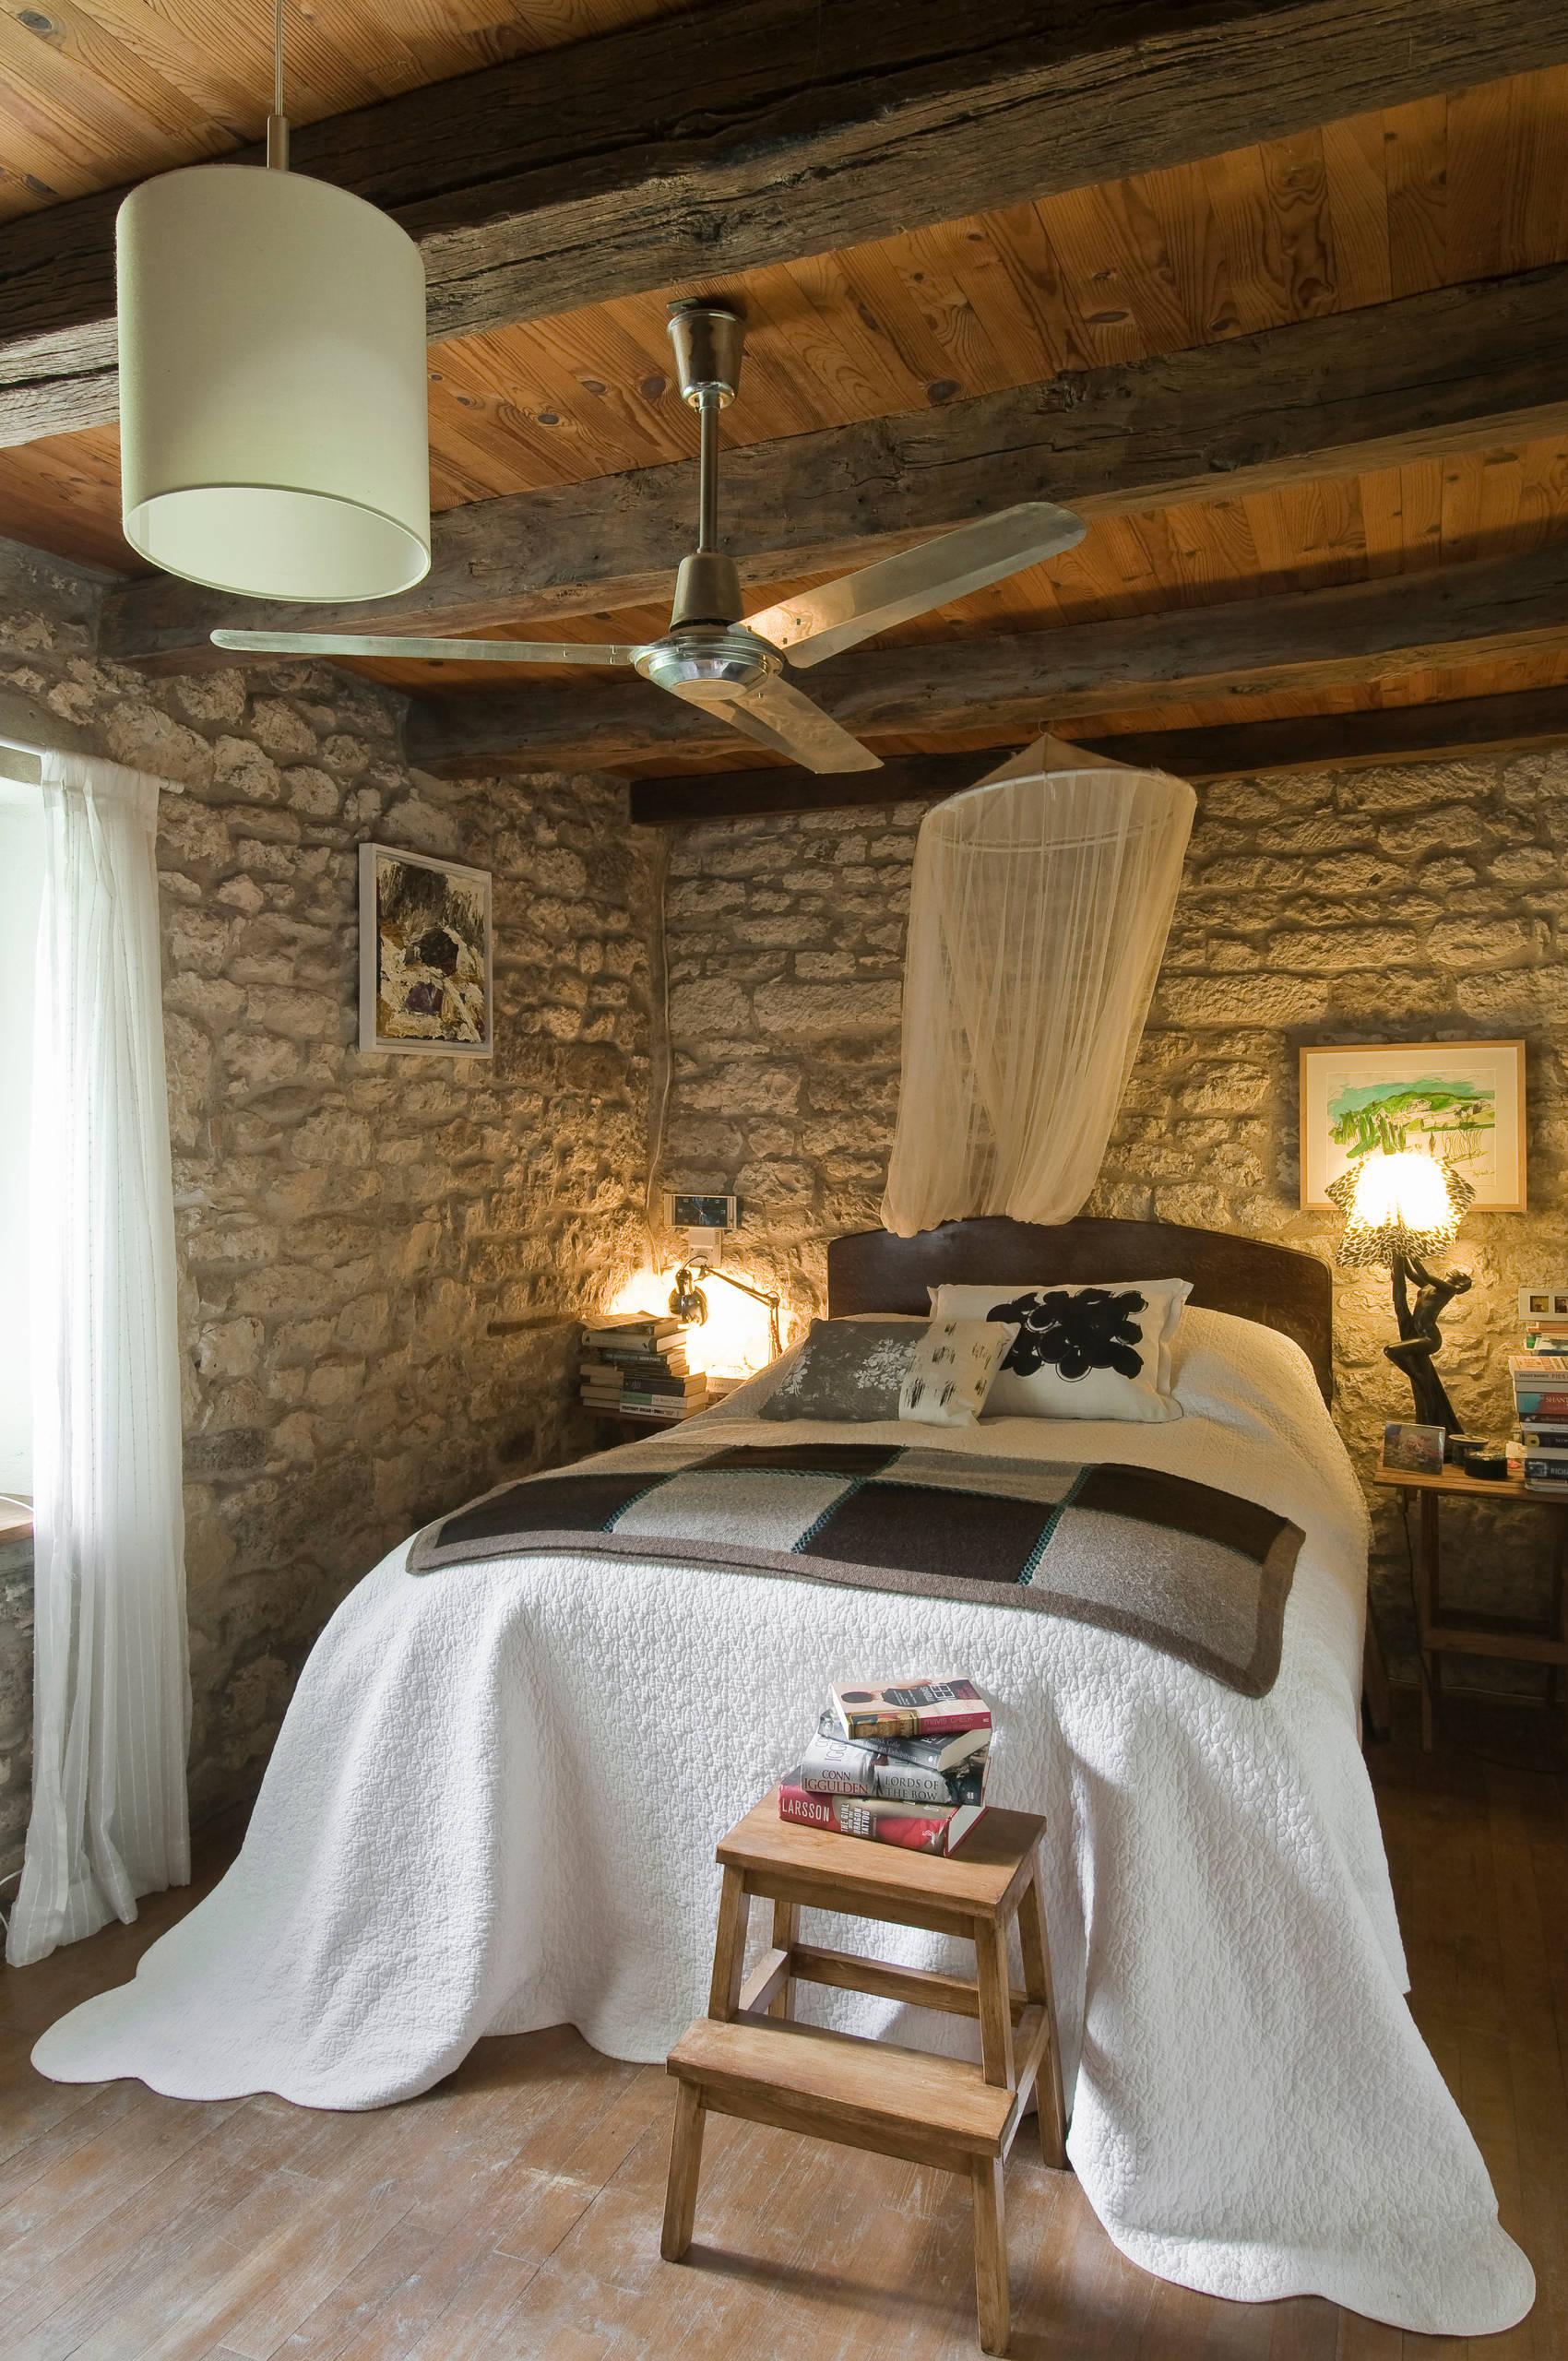 dormitorio acogedor con luz cálida